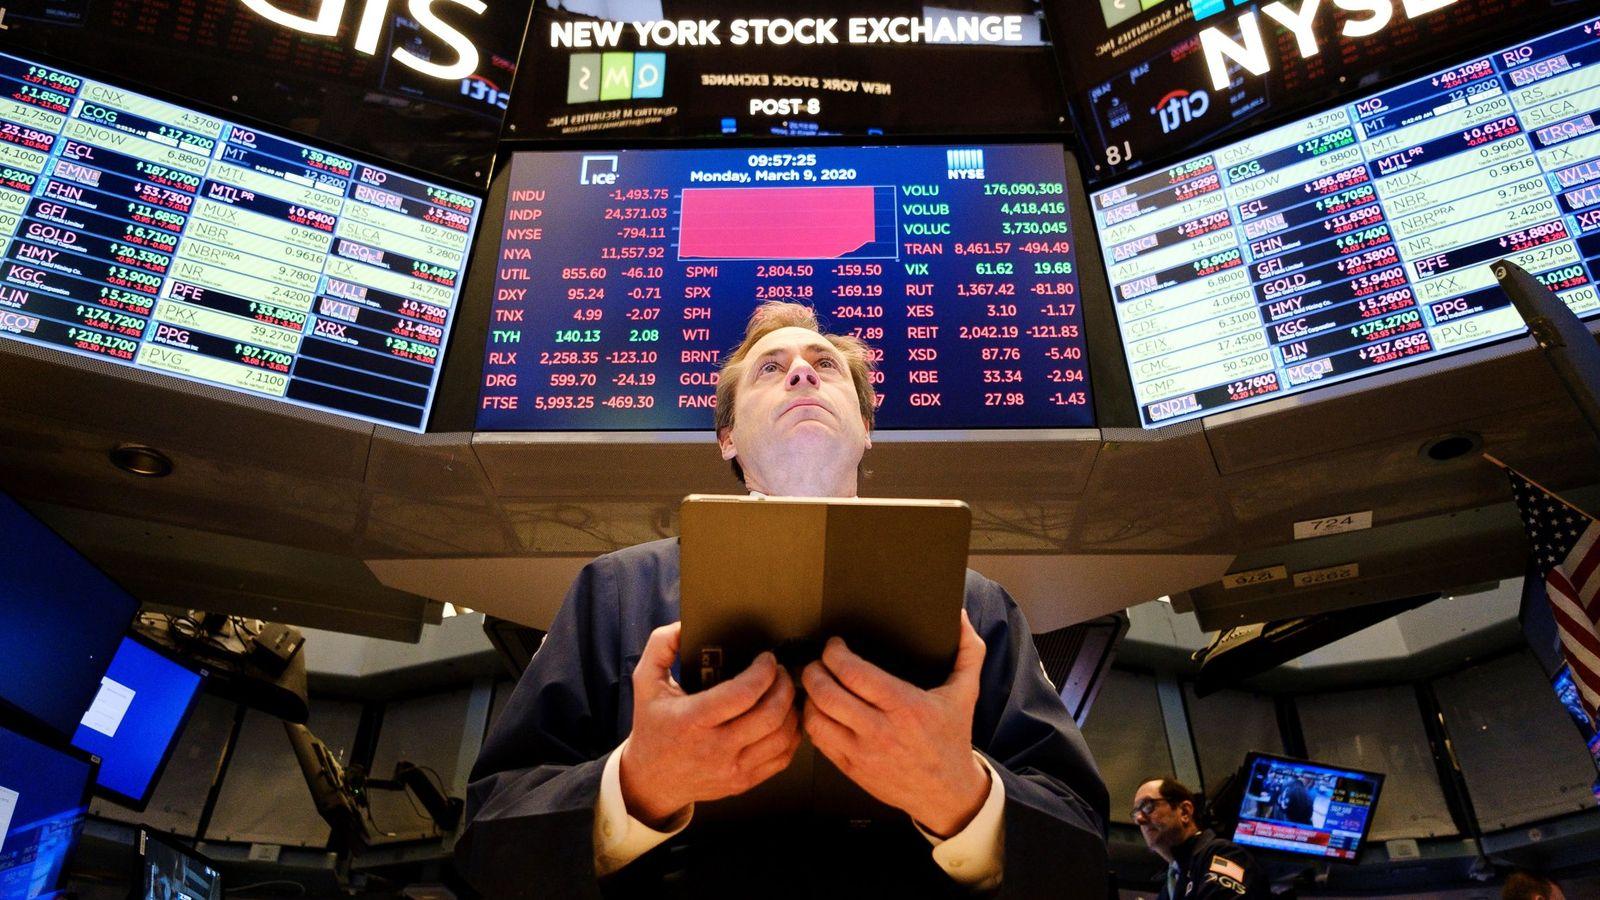 Wall Street cierra en rojo tras una semana de fuerte rebote